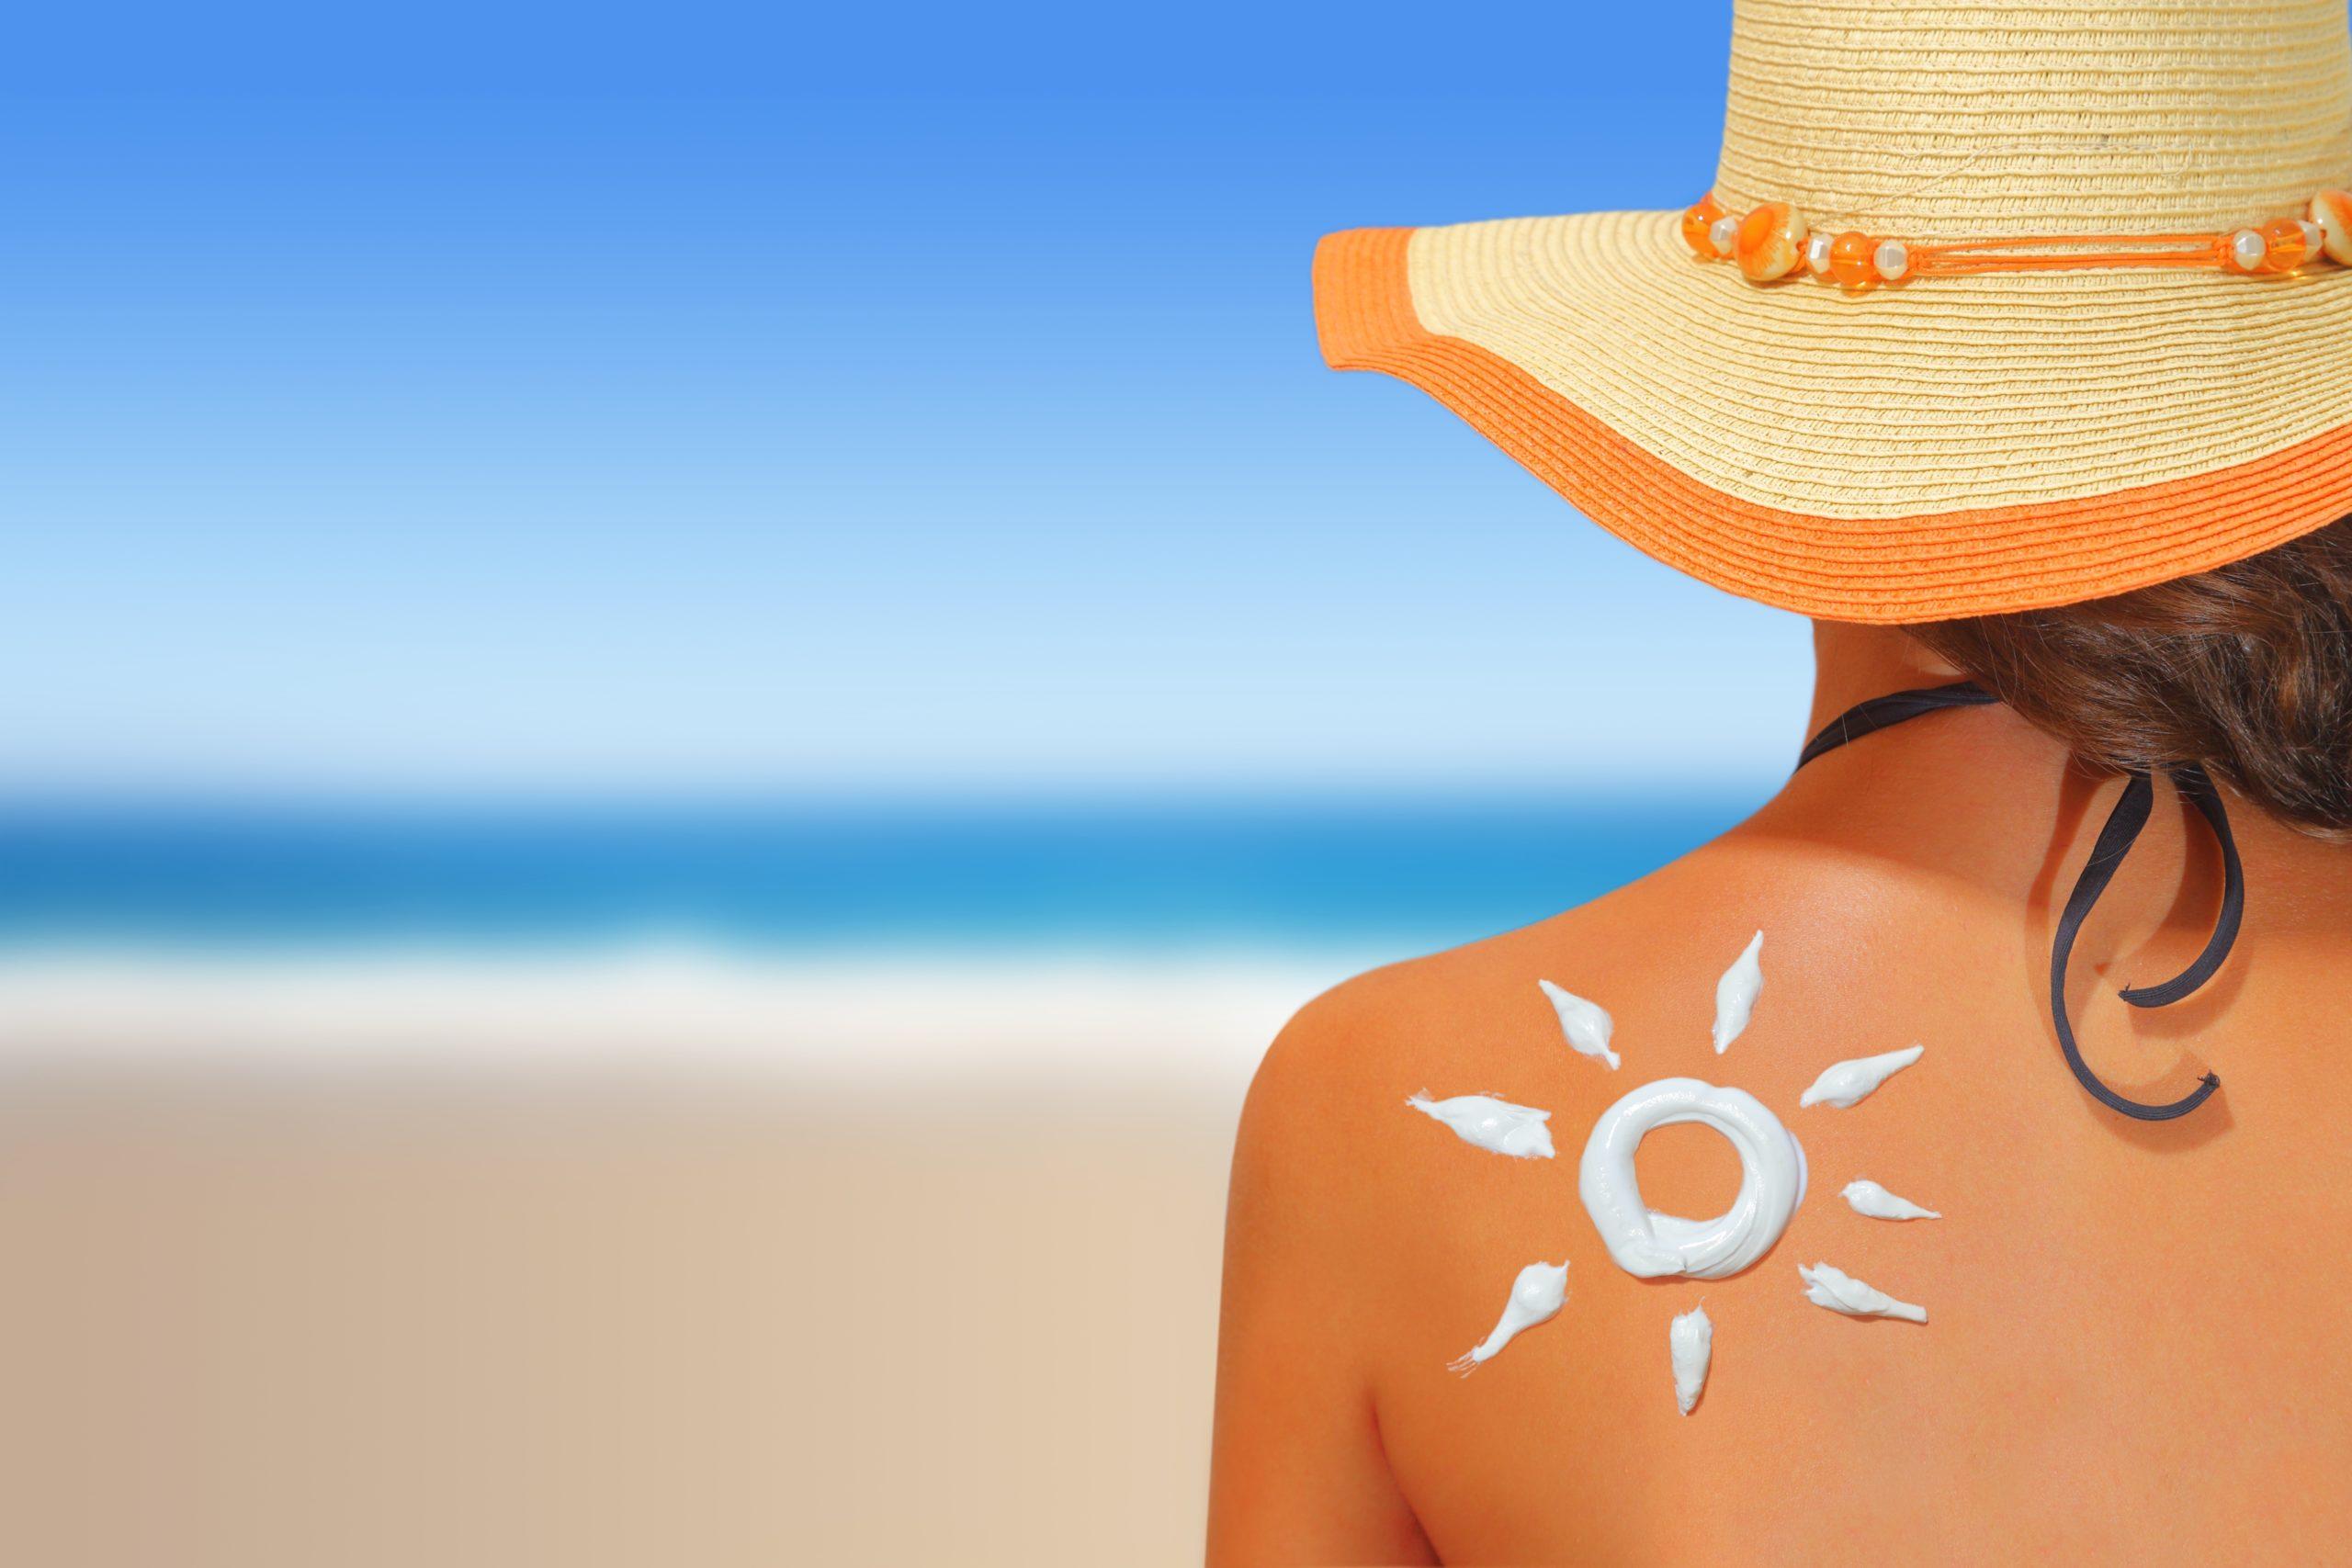 Рейтинг лучших корейских солнцезащитных кремов на 2020 год